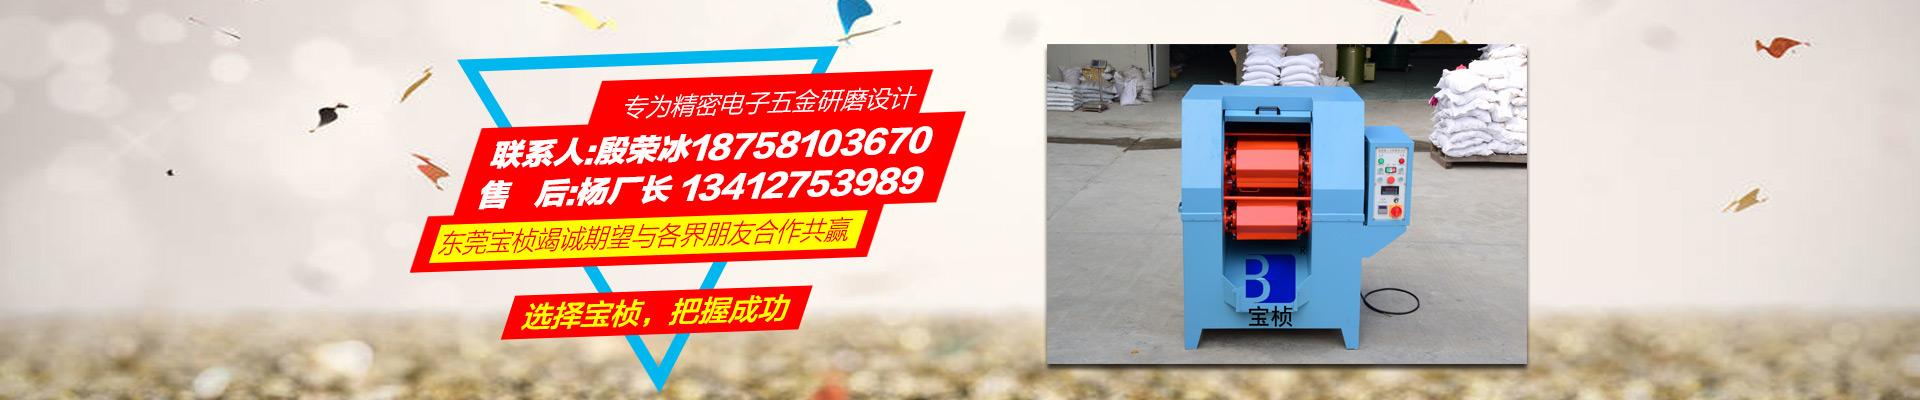 东莞市宝桢研磨机械有限公司